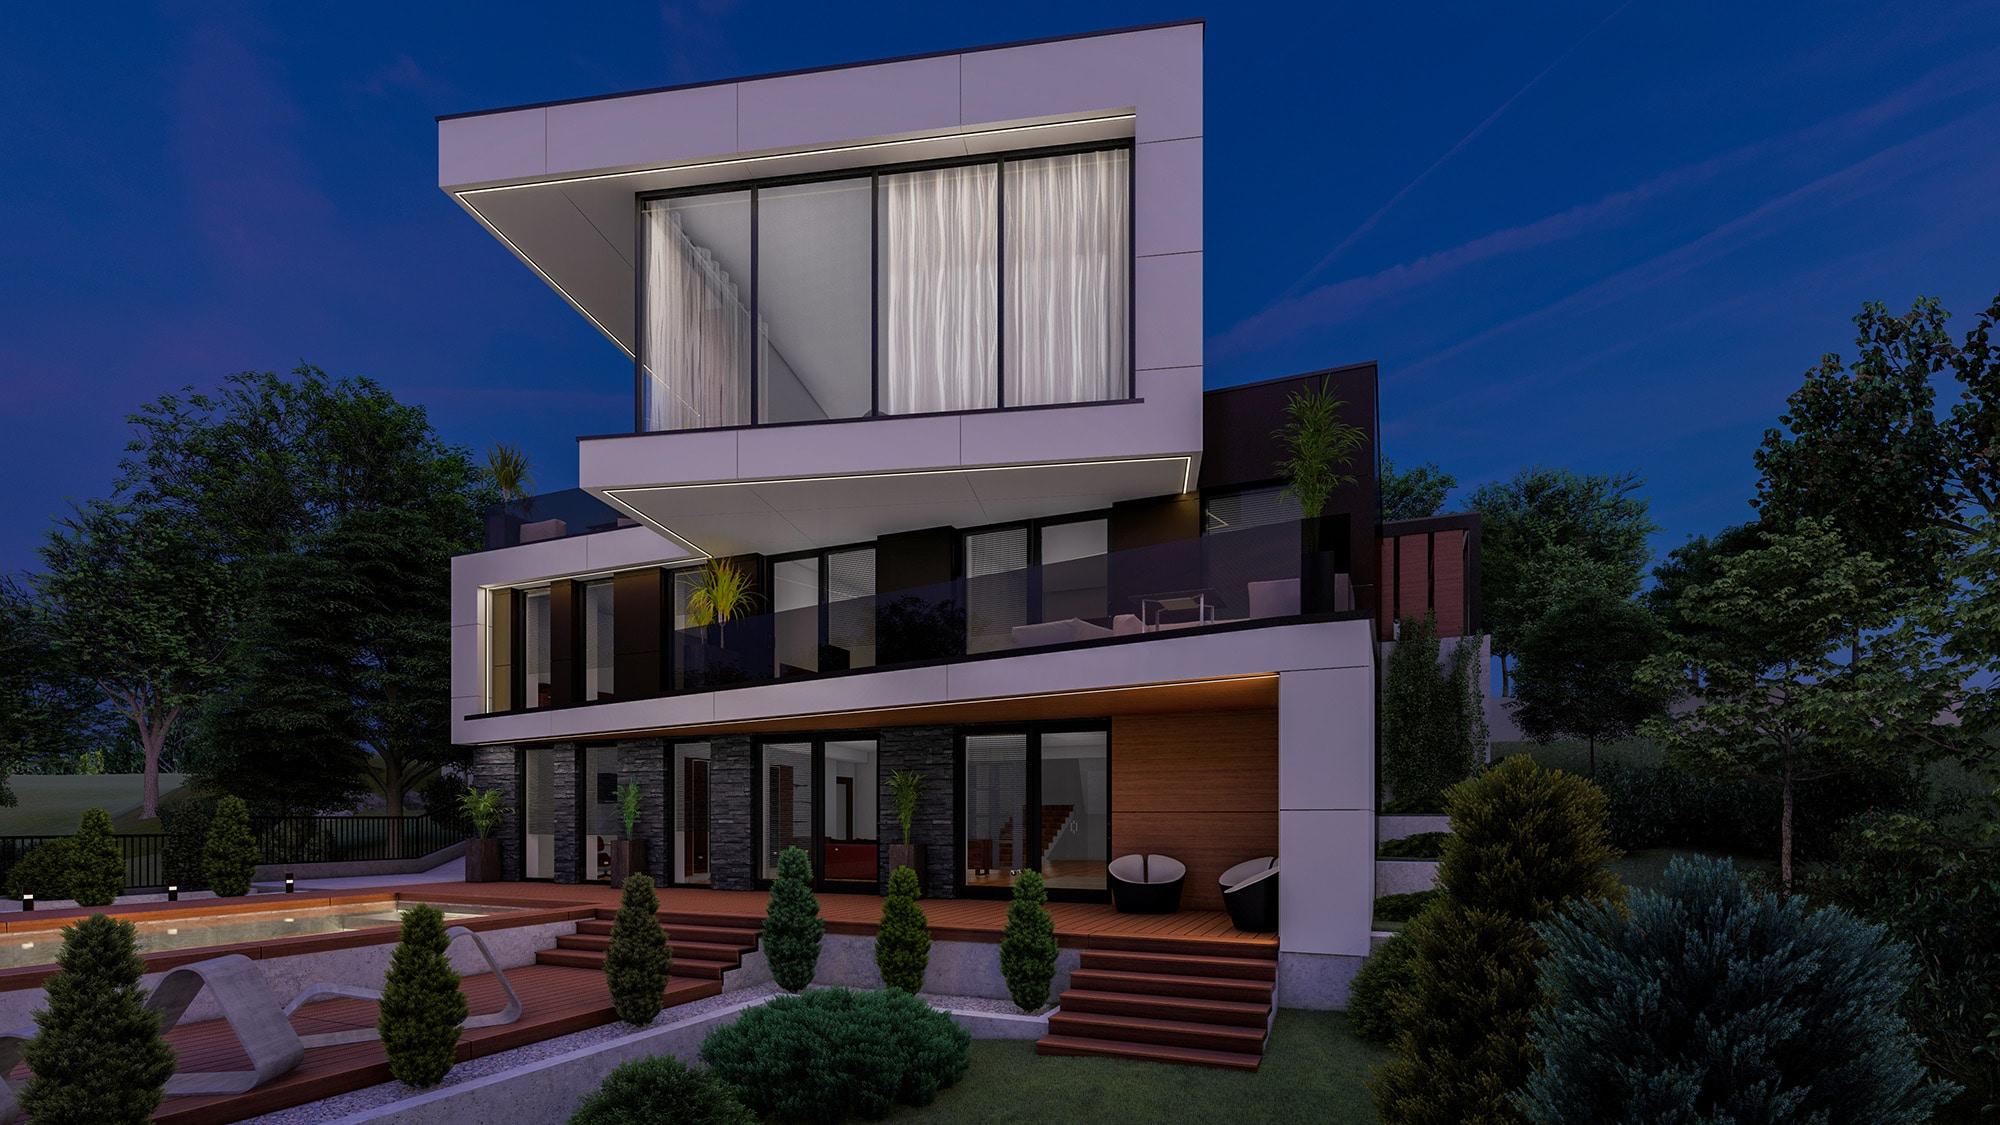 Proiect arhitectural stilului modern in designul casei contemporane cu gradina in curte si bazin la aer liber